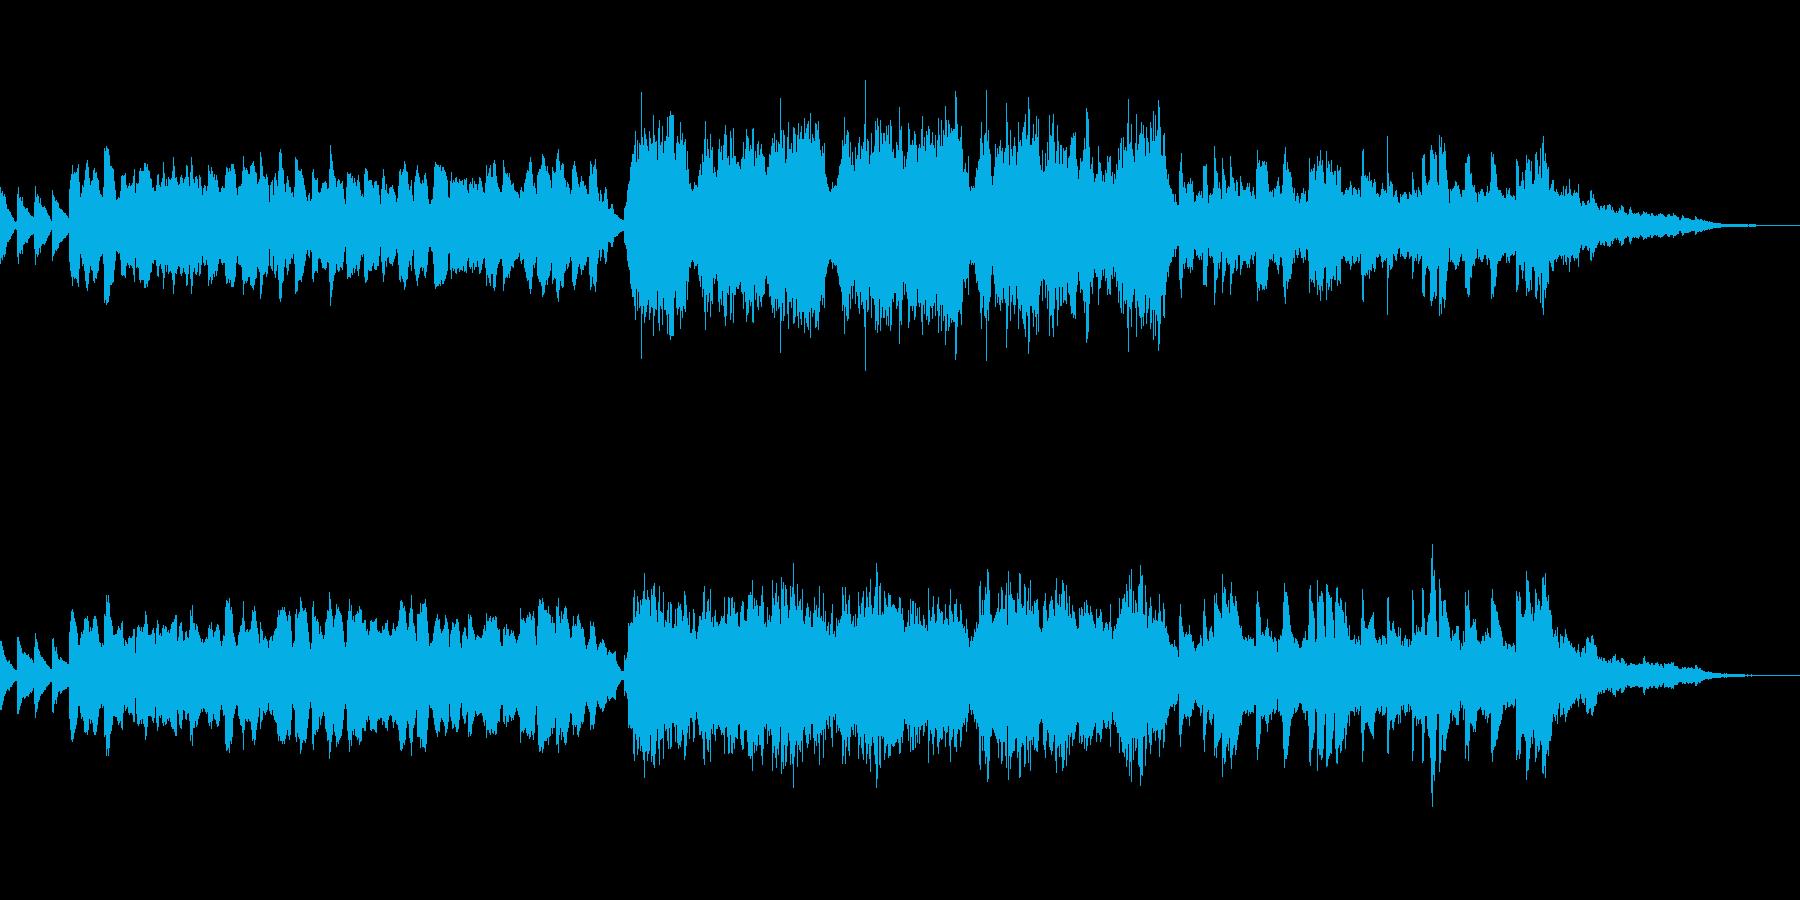 RPG・フィールド用BGMの再生済みの波形